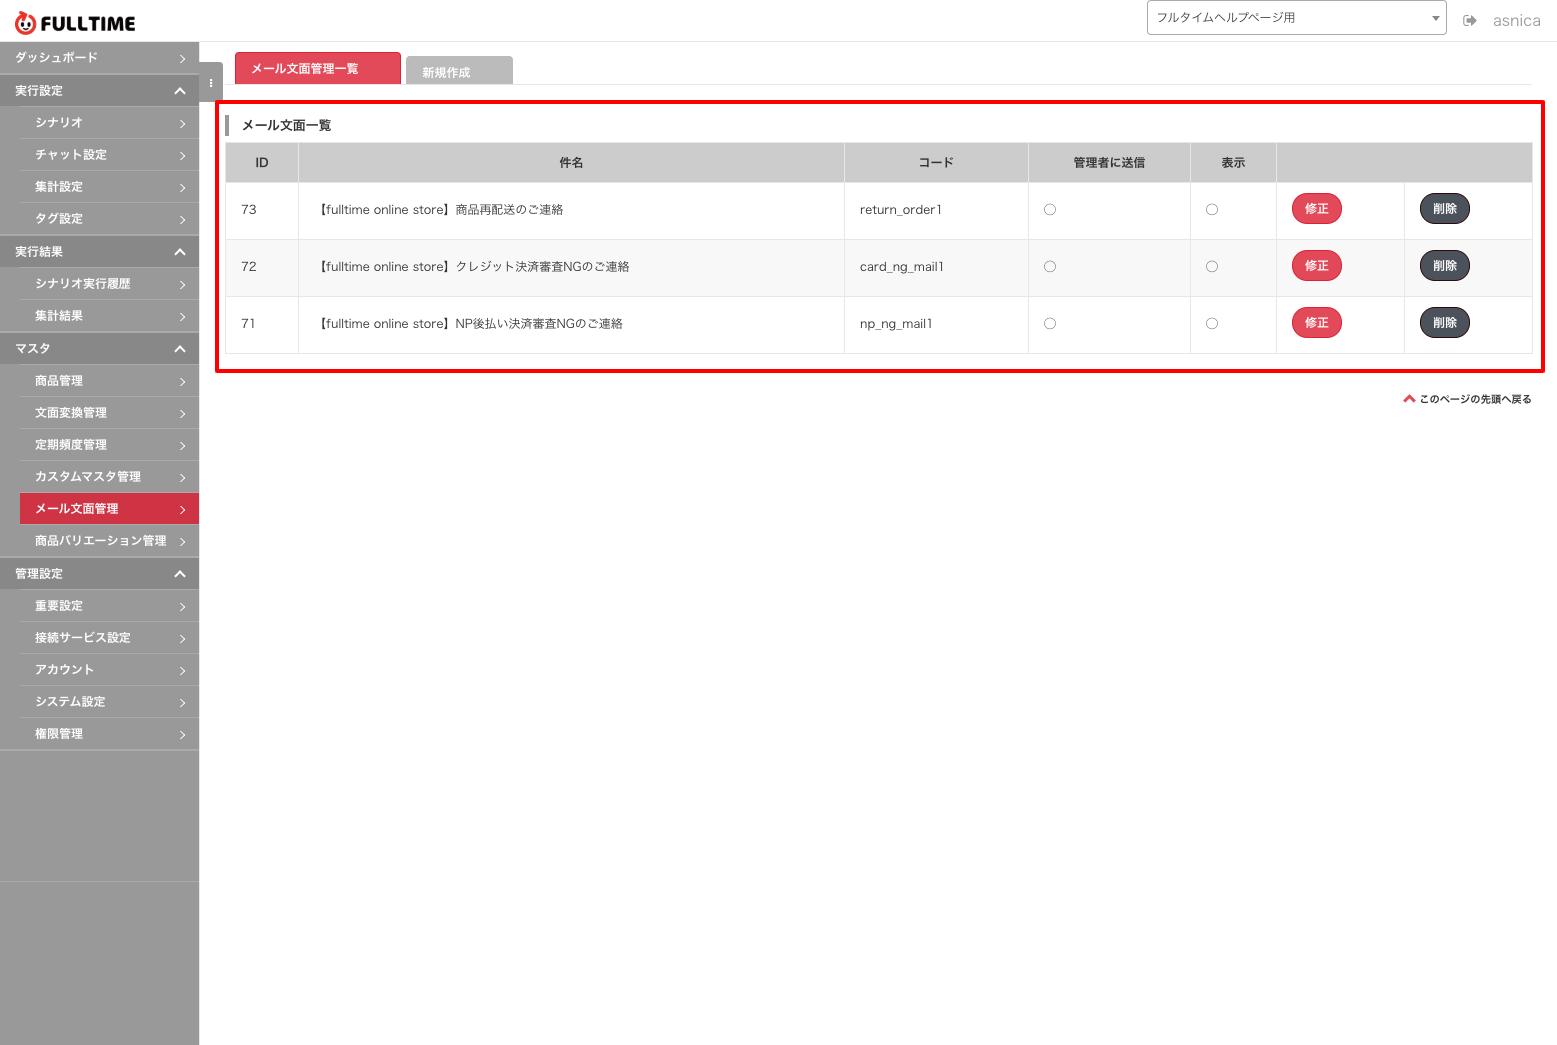 _テスト環境 メール文面管理 FULLTIME リピート通販専用!あなたのかわりにフルタイムで働くロボット。